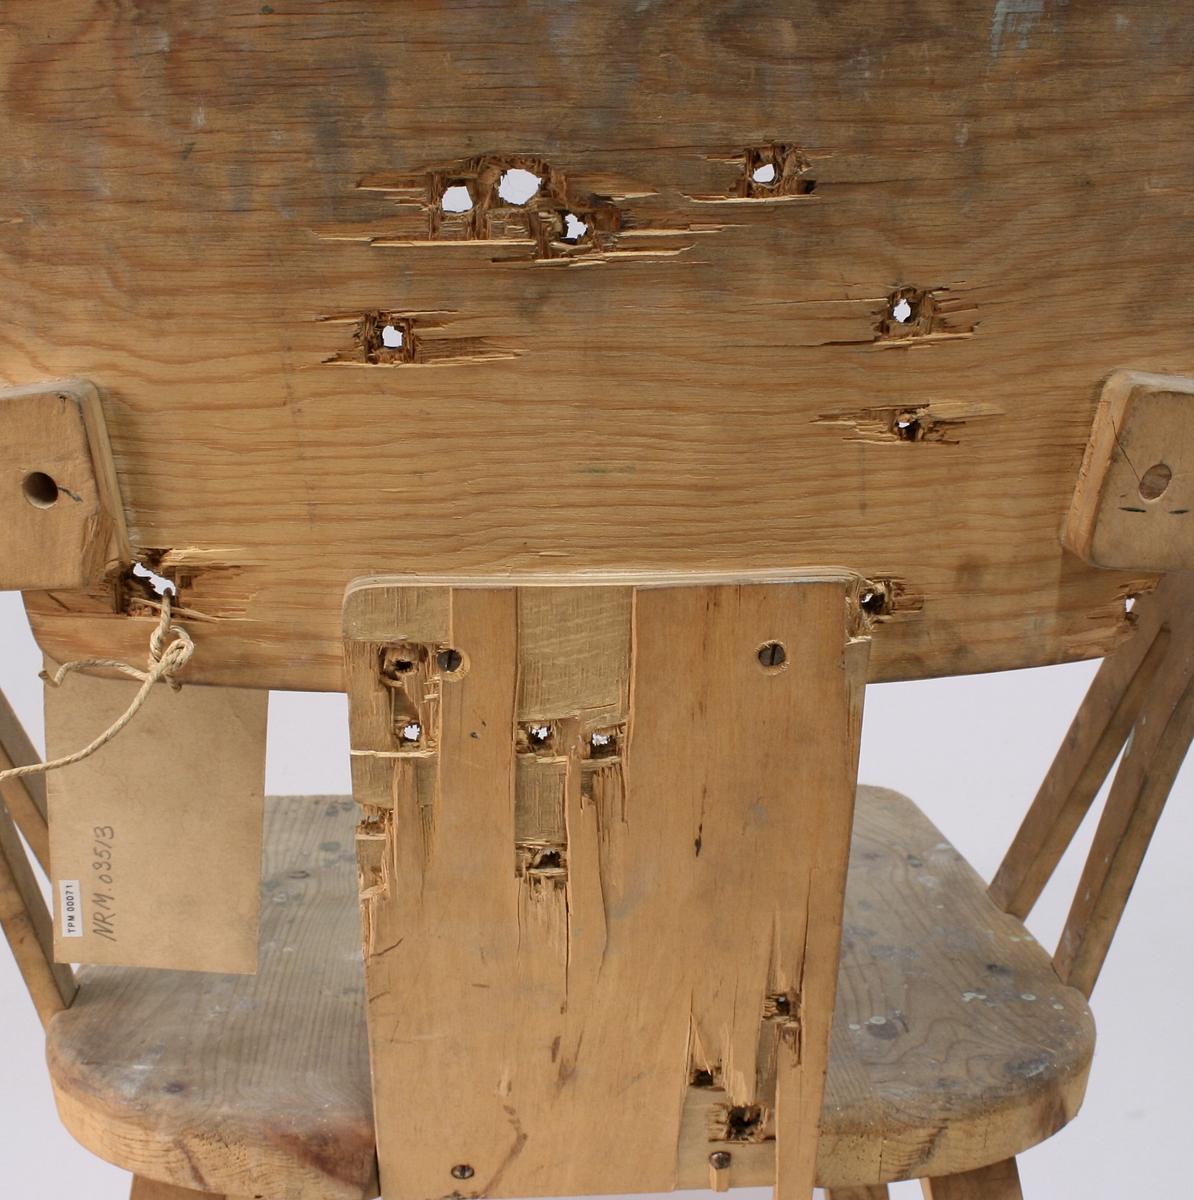 Stol i tre med flere skuddhull gjennom ryggstøet. Under setet er det slått inn en firetoms spiker.